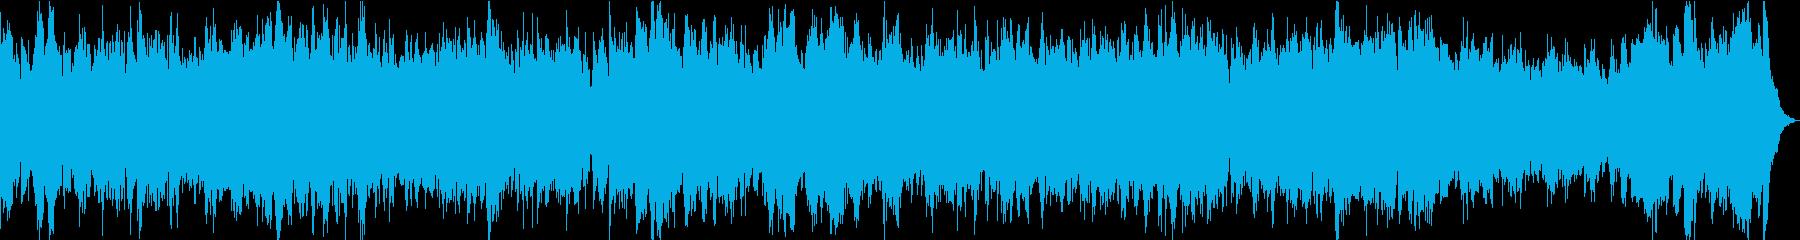 革命のエチュード/ショパン・エレピの再生済みの波形